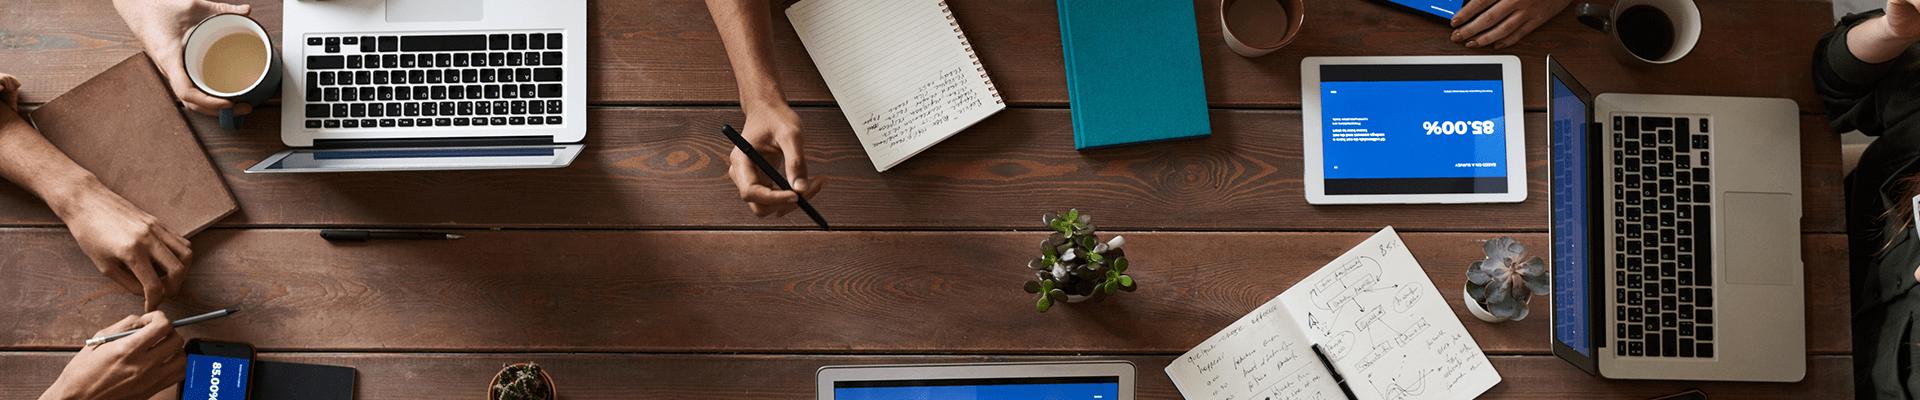 business meeting desktop area